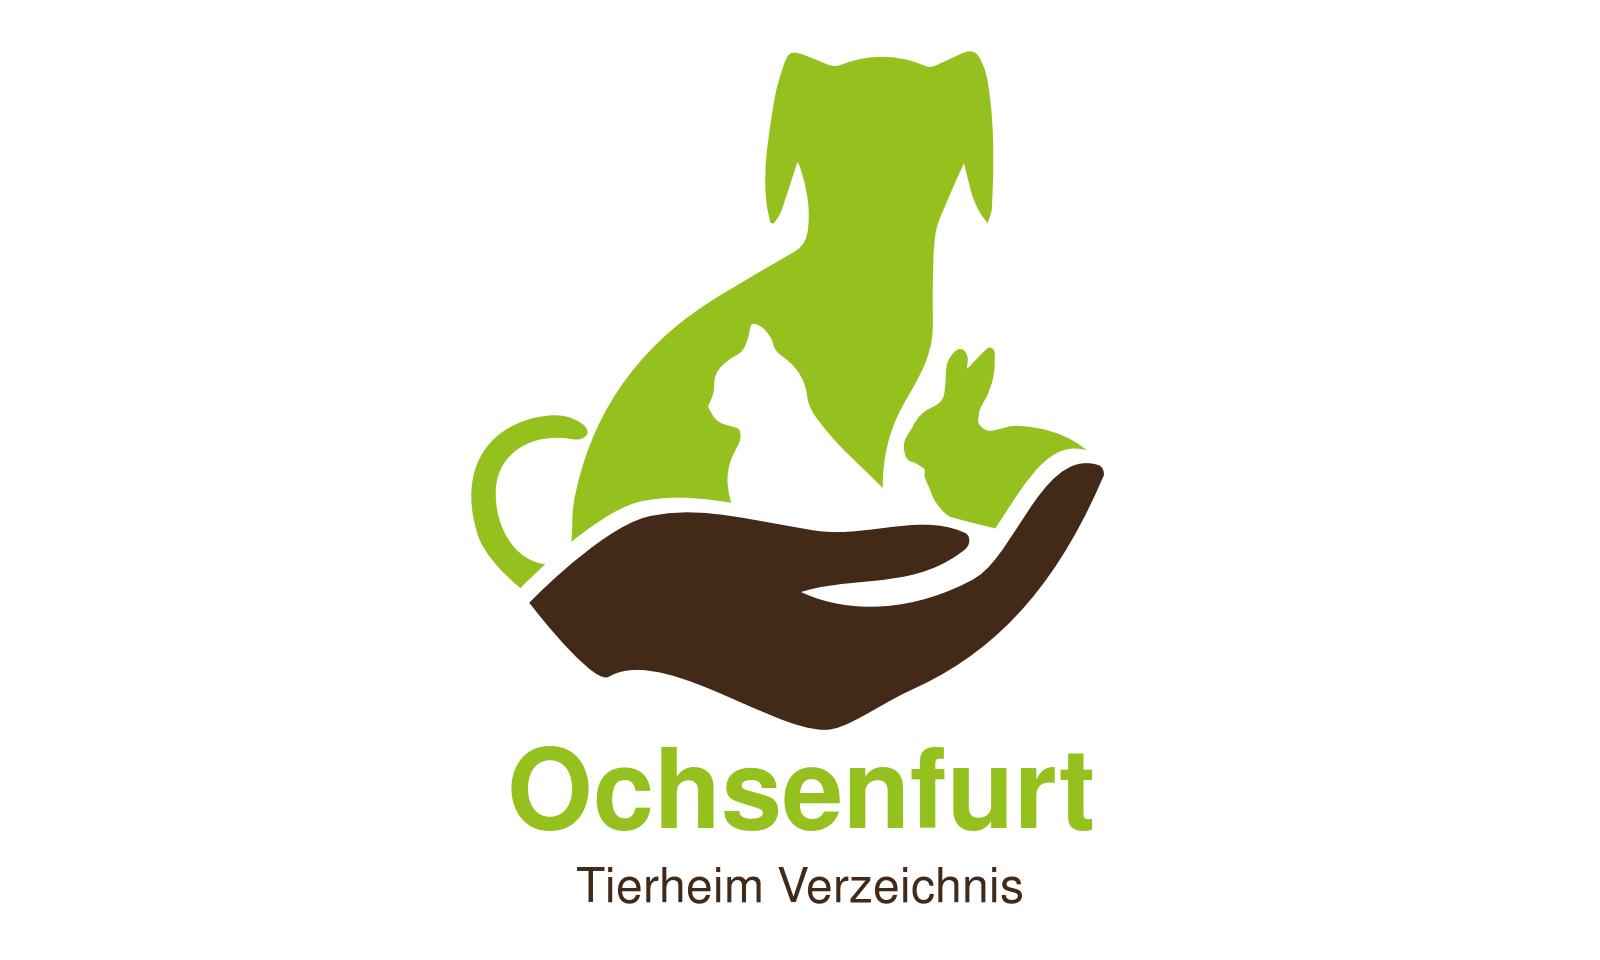 Tierheim Ochsenfurt